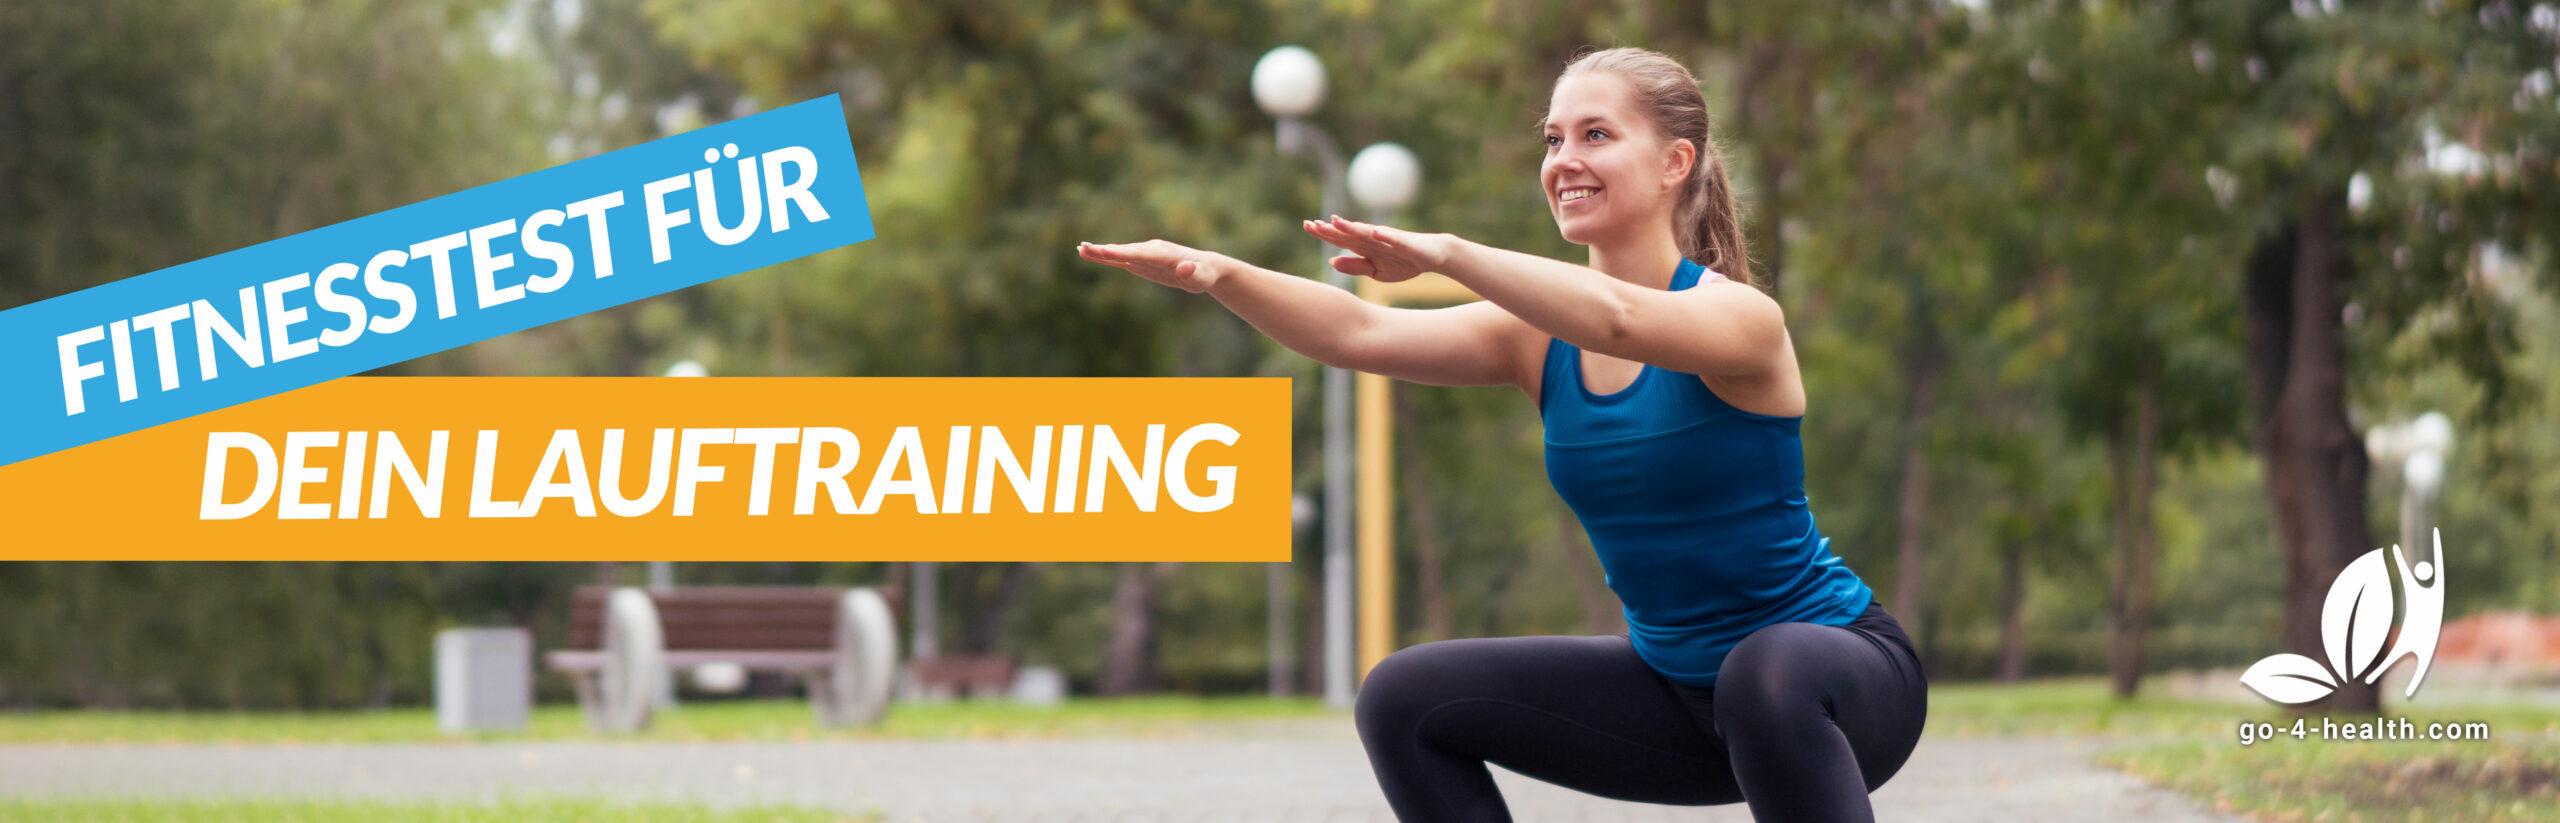 Fitnesstest für dein Lauftraining: Teste deine Laufstabilität